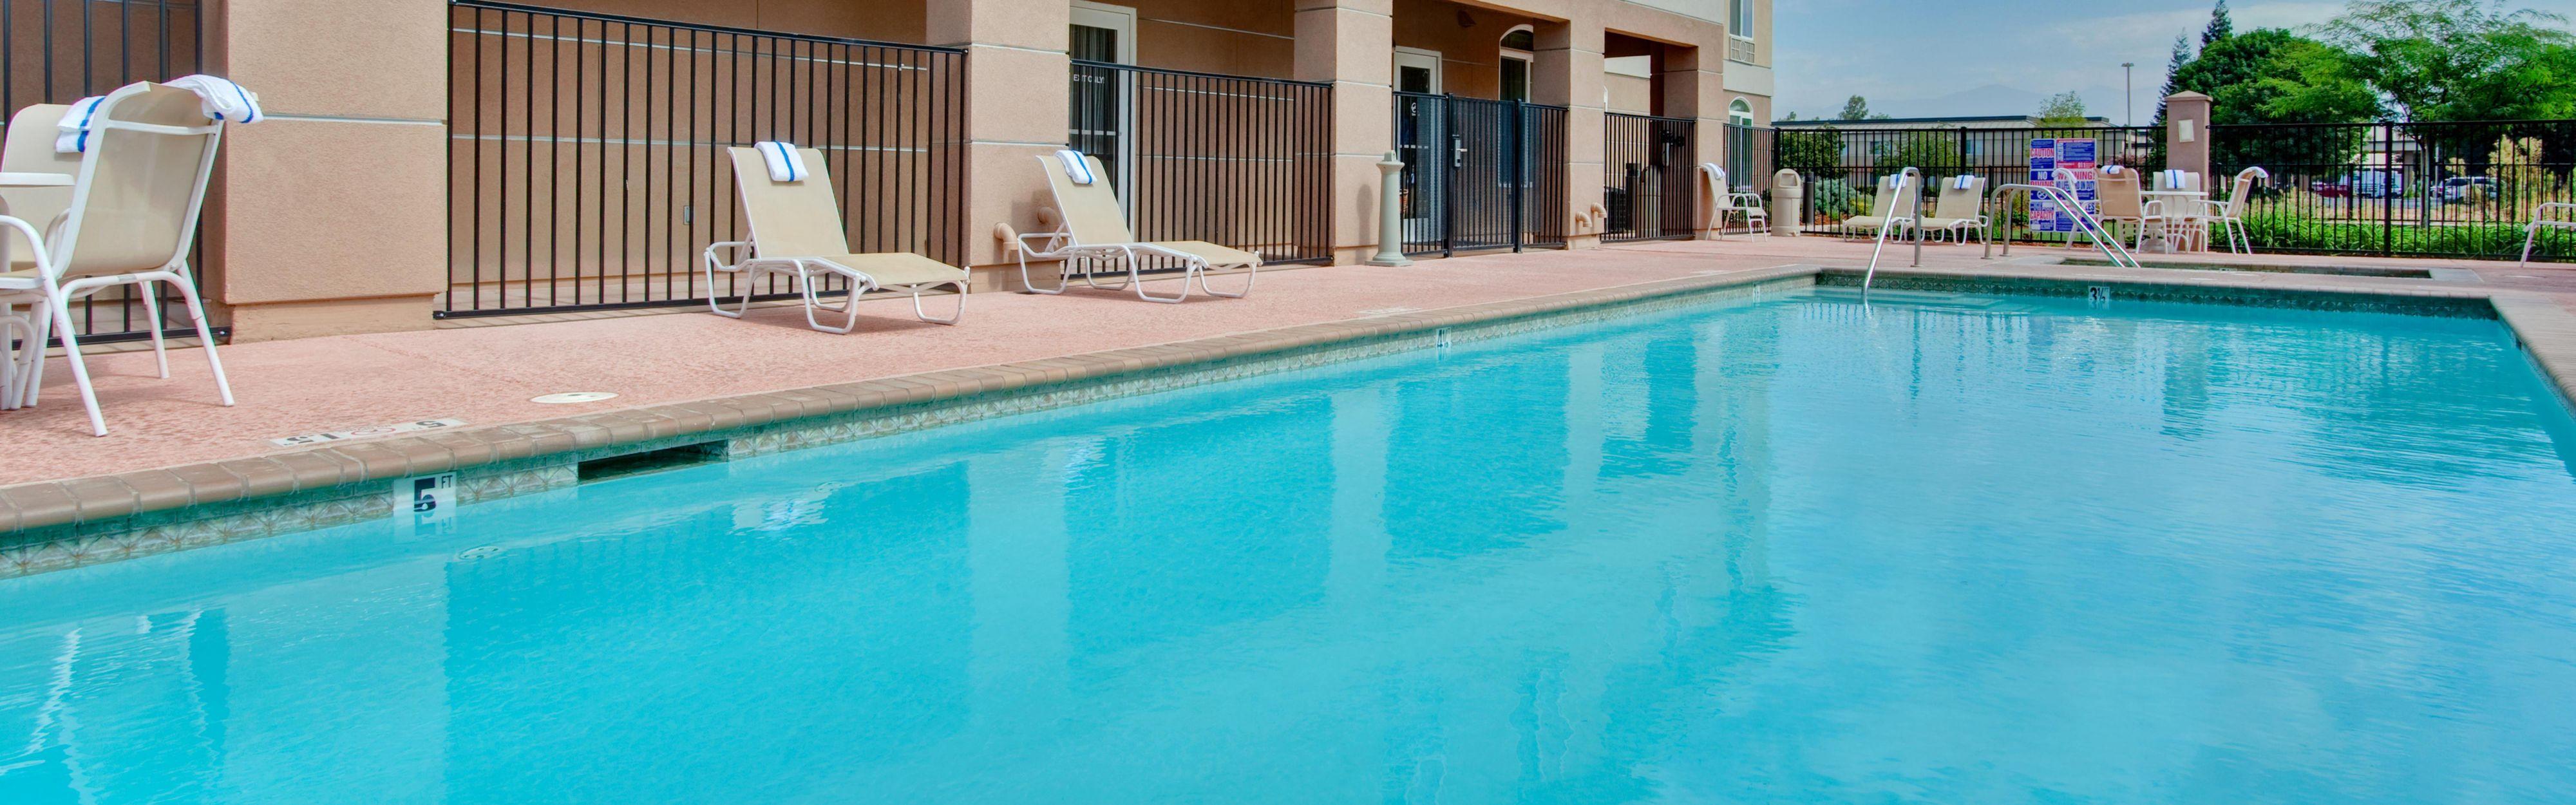 Porterville Hotels Motels